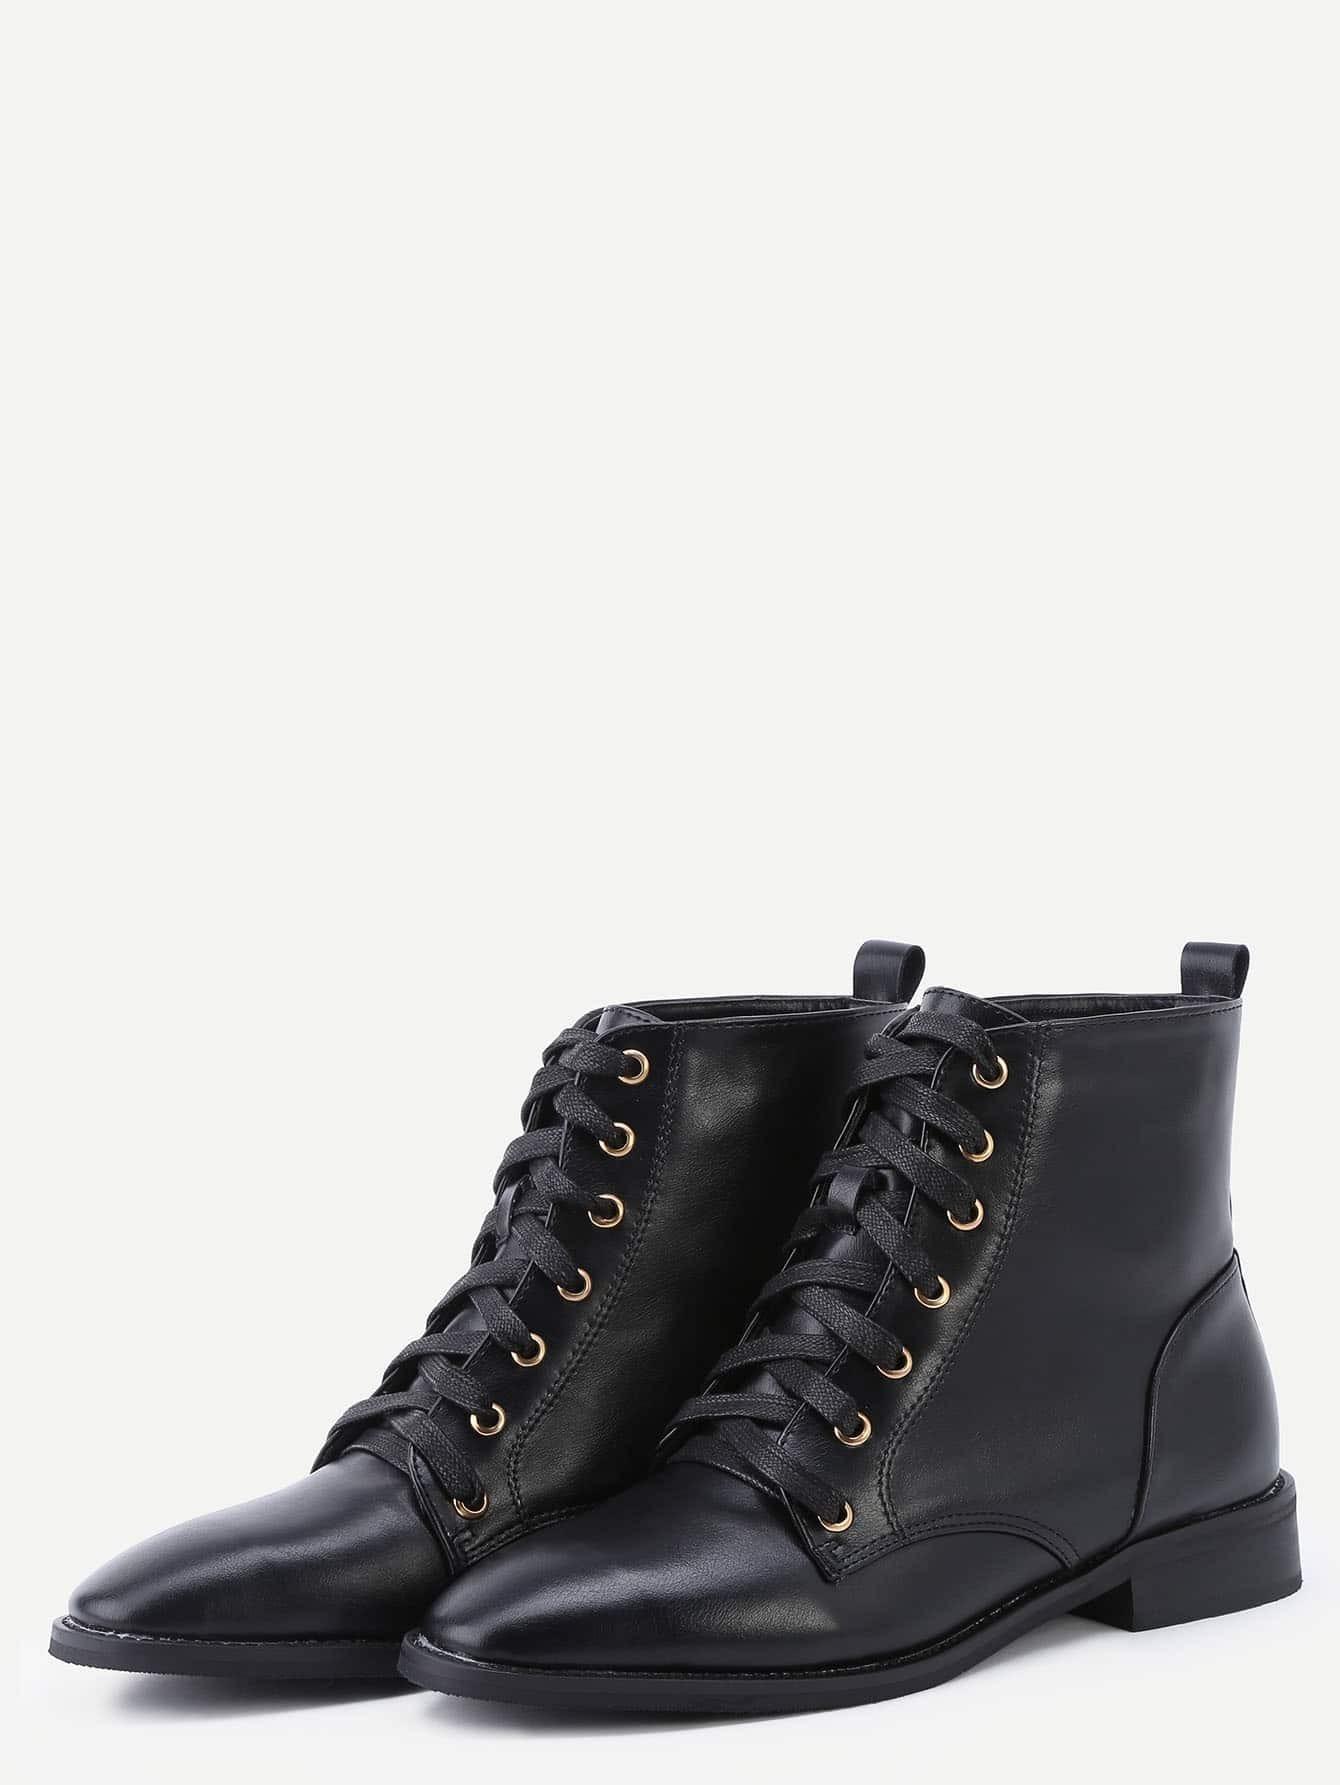 shoes161003805_2